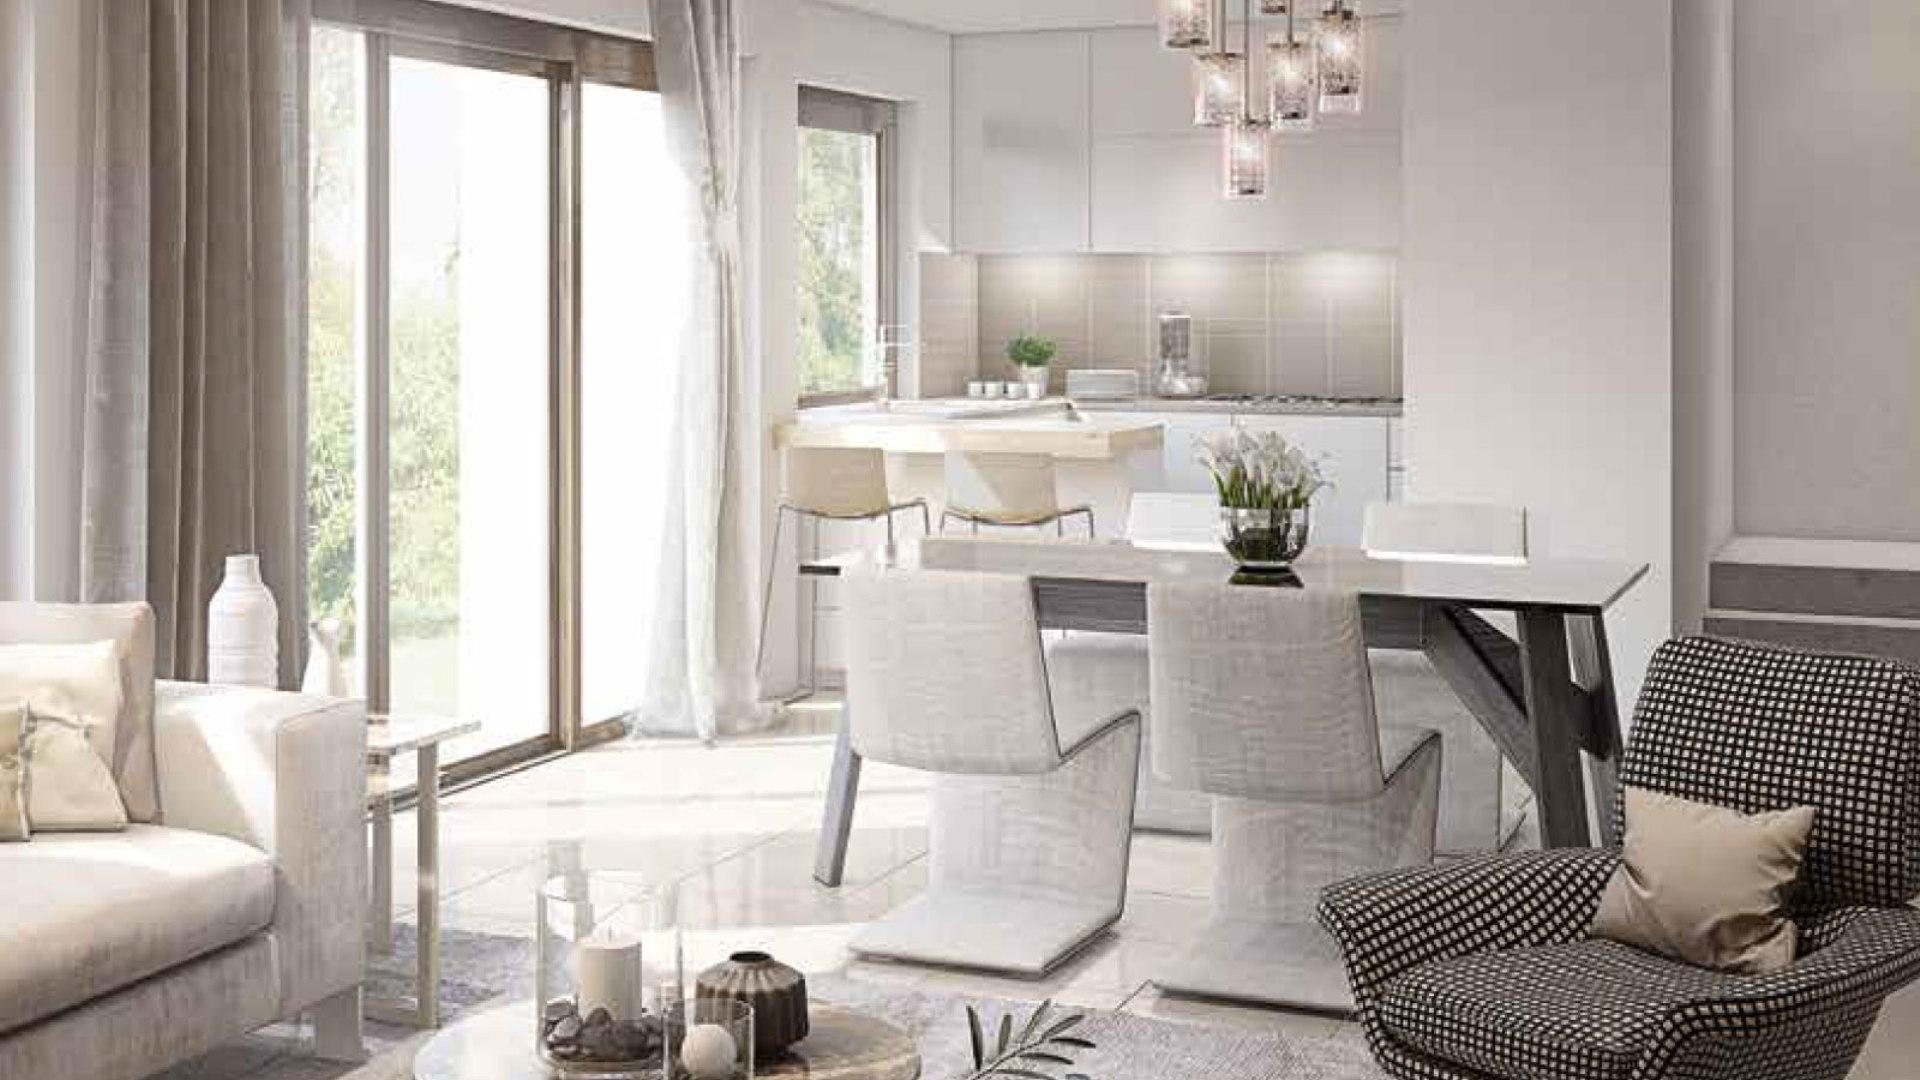 Adosado en venta en Dubai, EAU, 3 dormitorios, 205 m2, № 24313 – foto 2